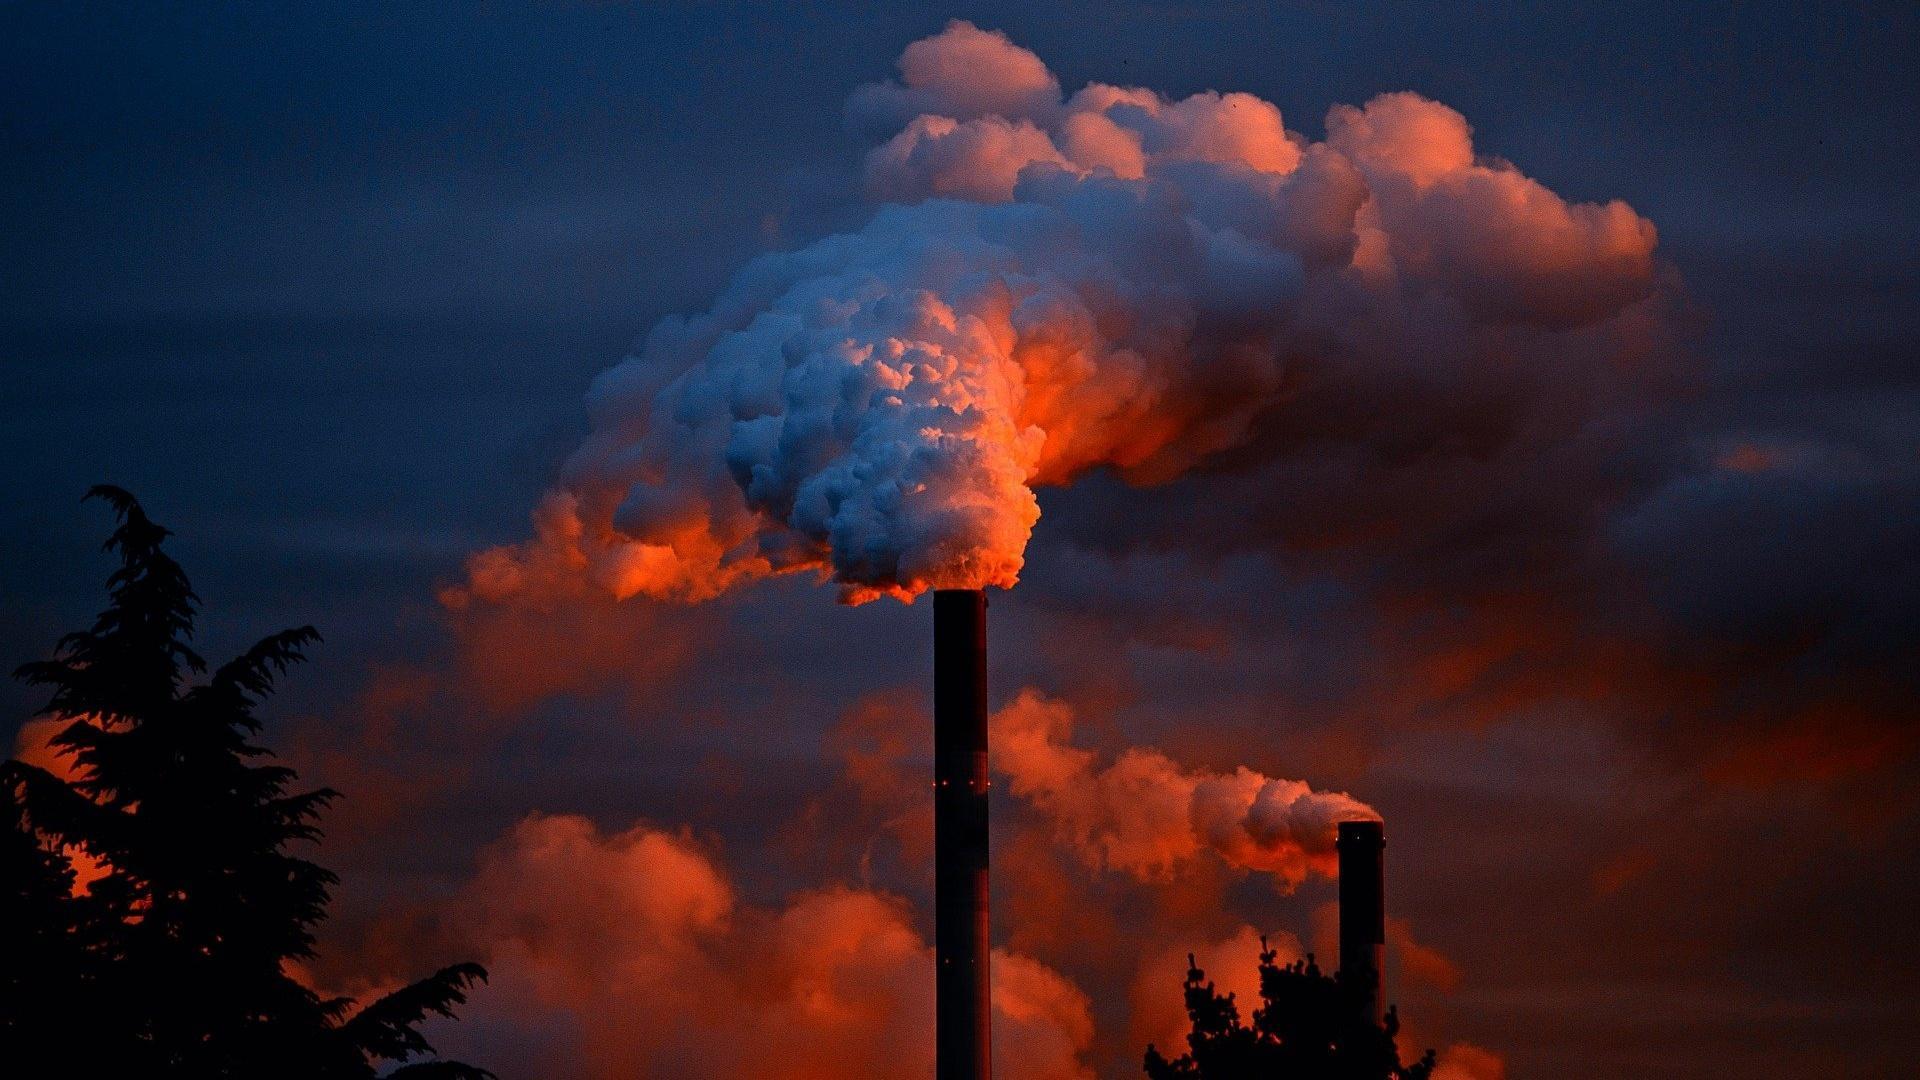 Ursachen und Folgen der Umweltverschmutzung